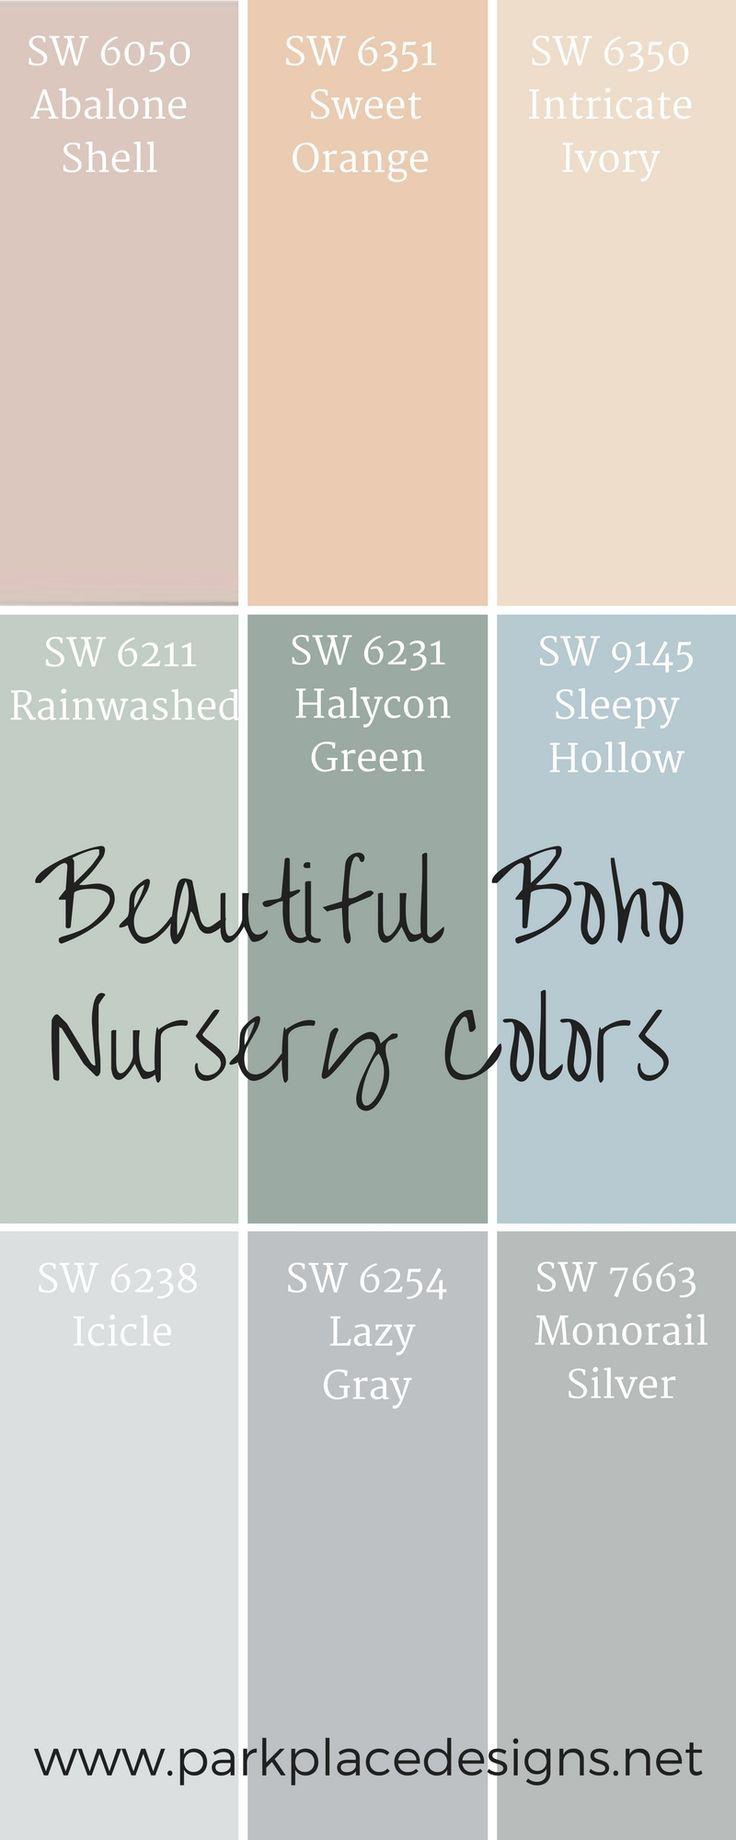 Sherwin Williams Lackfarben perfekt für Ihren schönen Boho Kindergarten #Bohogirls …